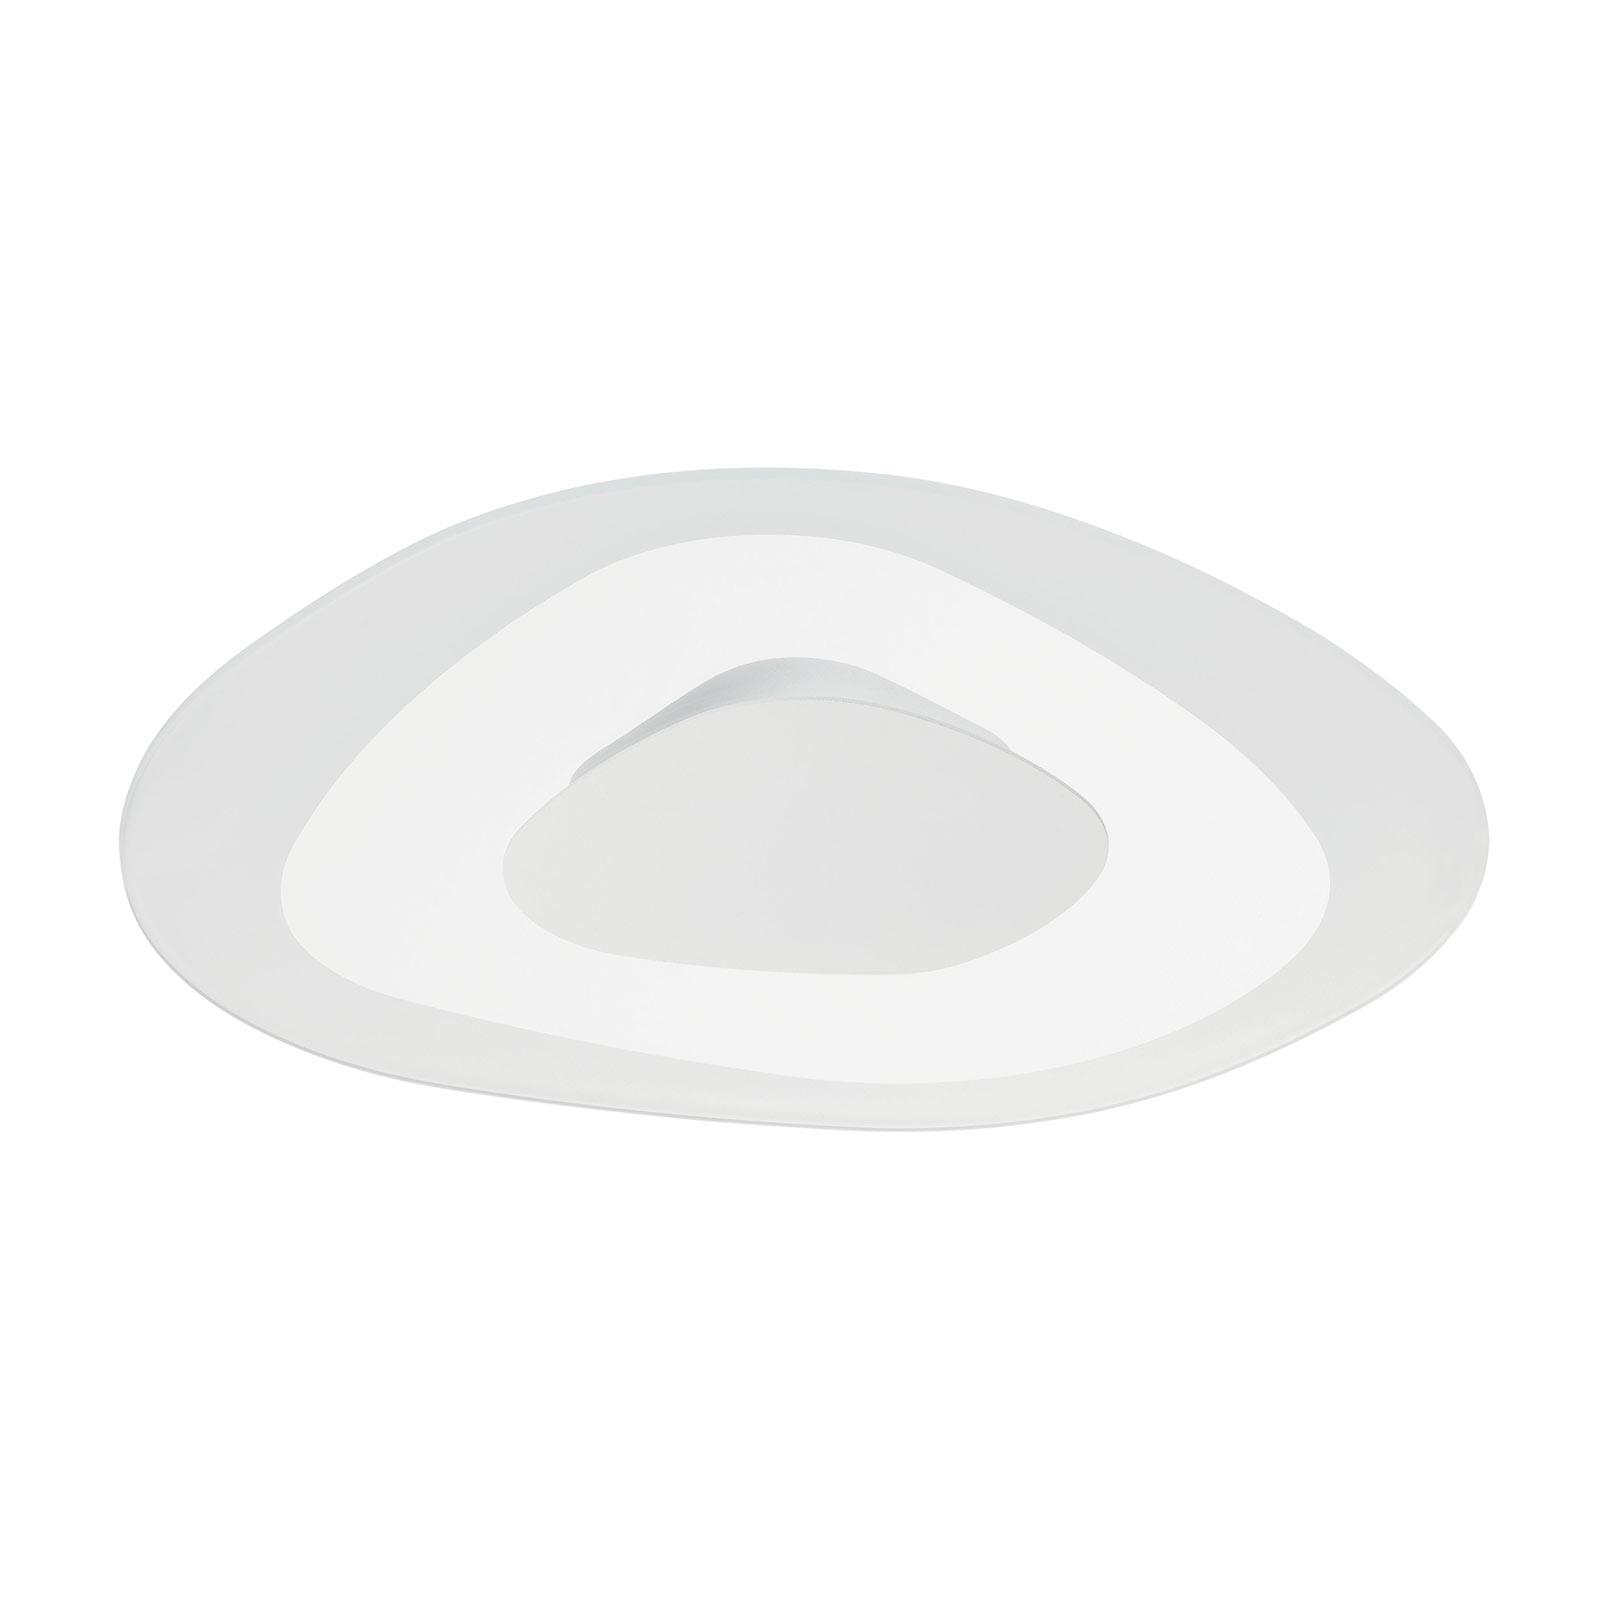 Lampa sufitowa LED Antigua S, 41 cm